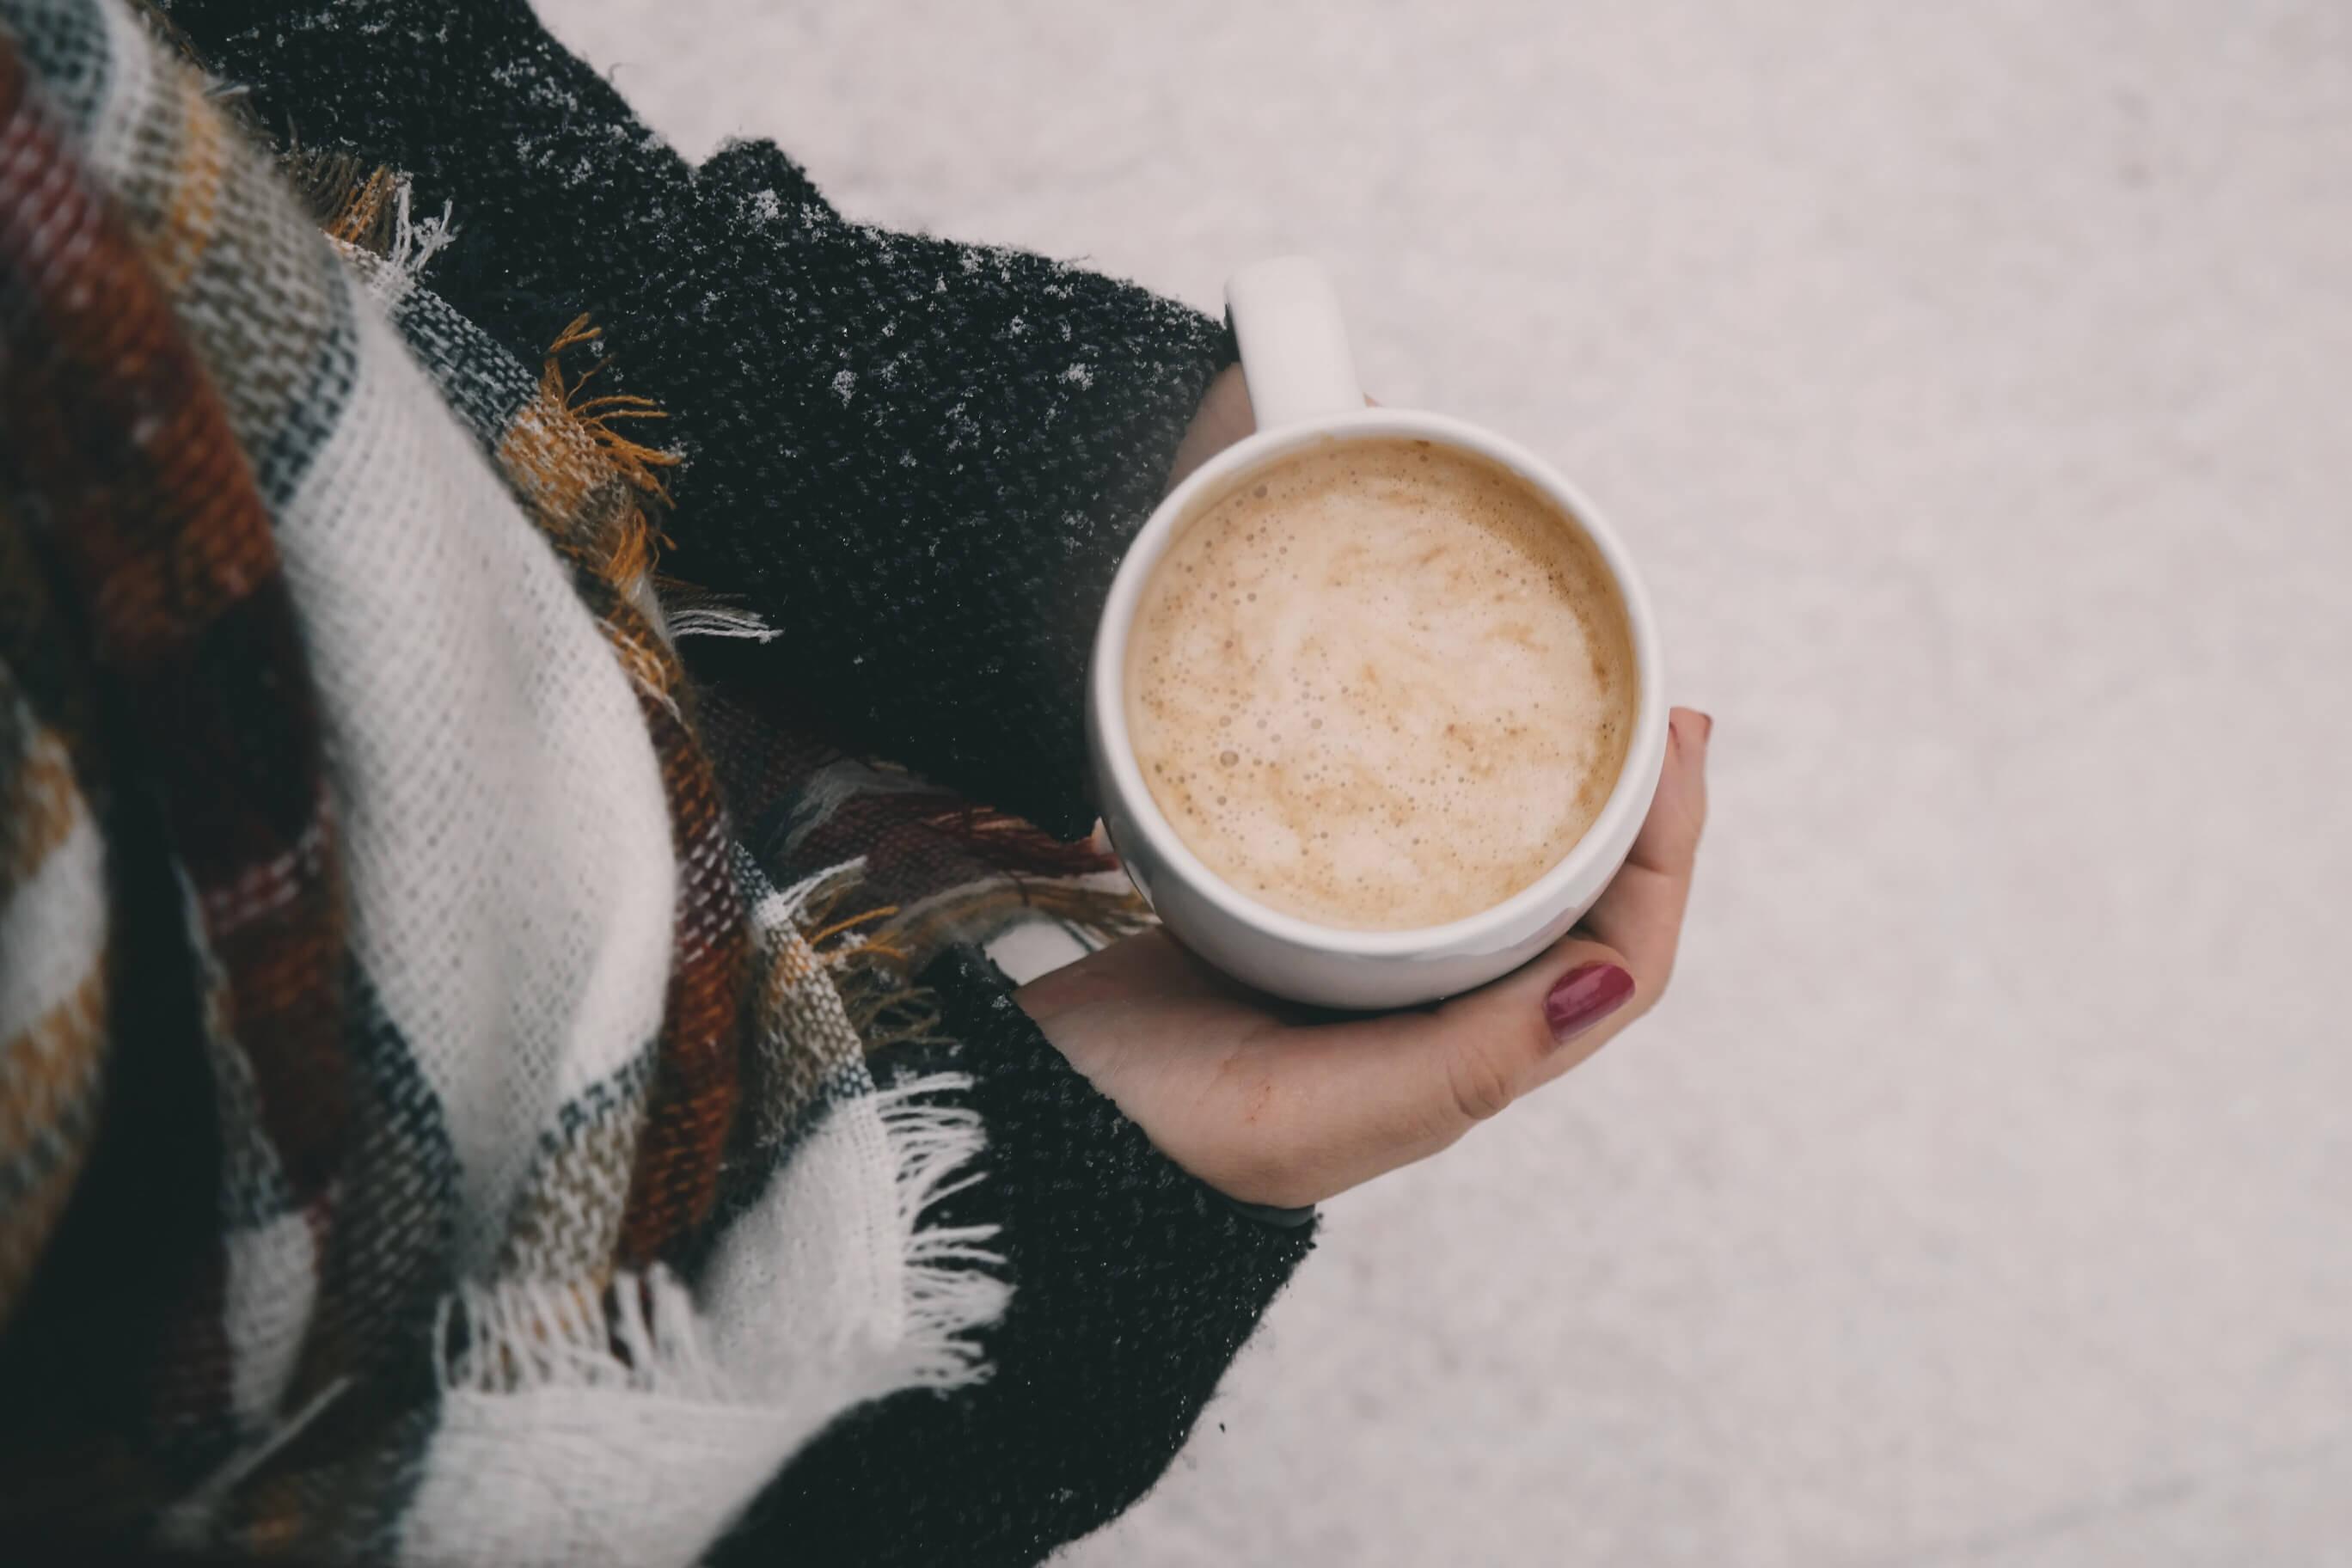 〈好Heal〉冬天飲甚麼熱飲最保暖?薑茶、咖啡還是朱古力?